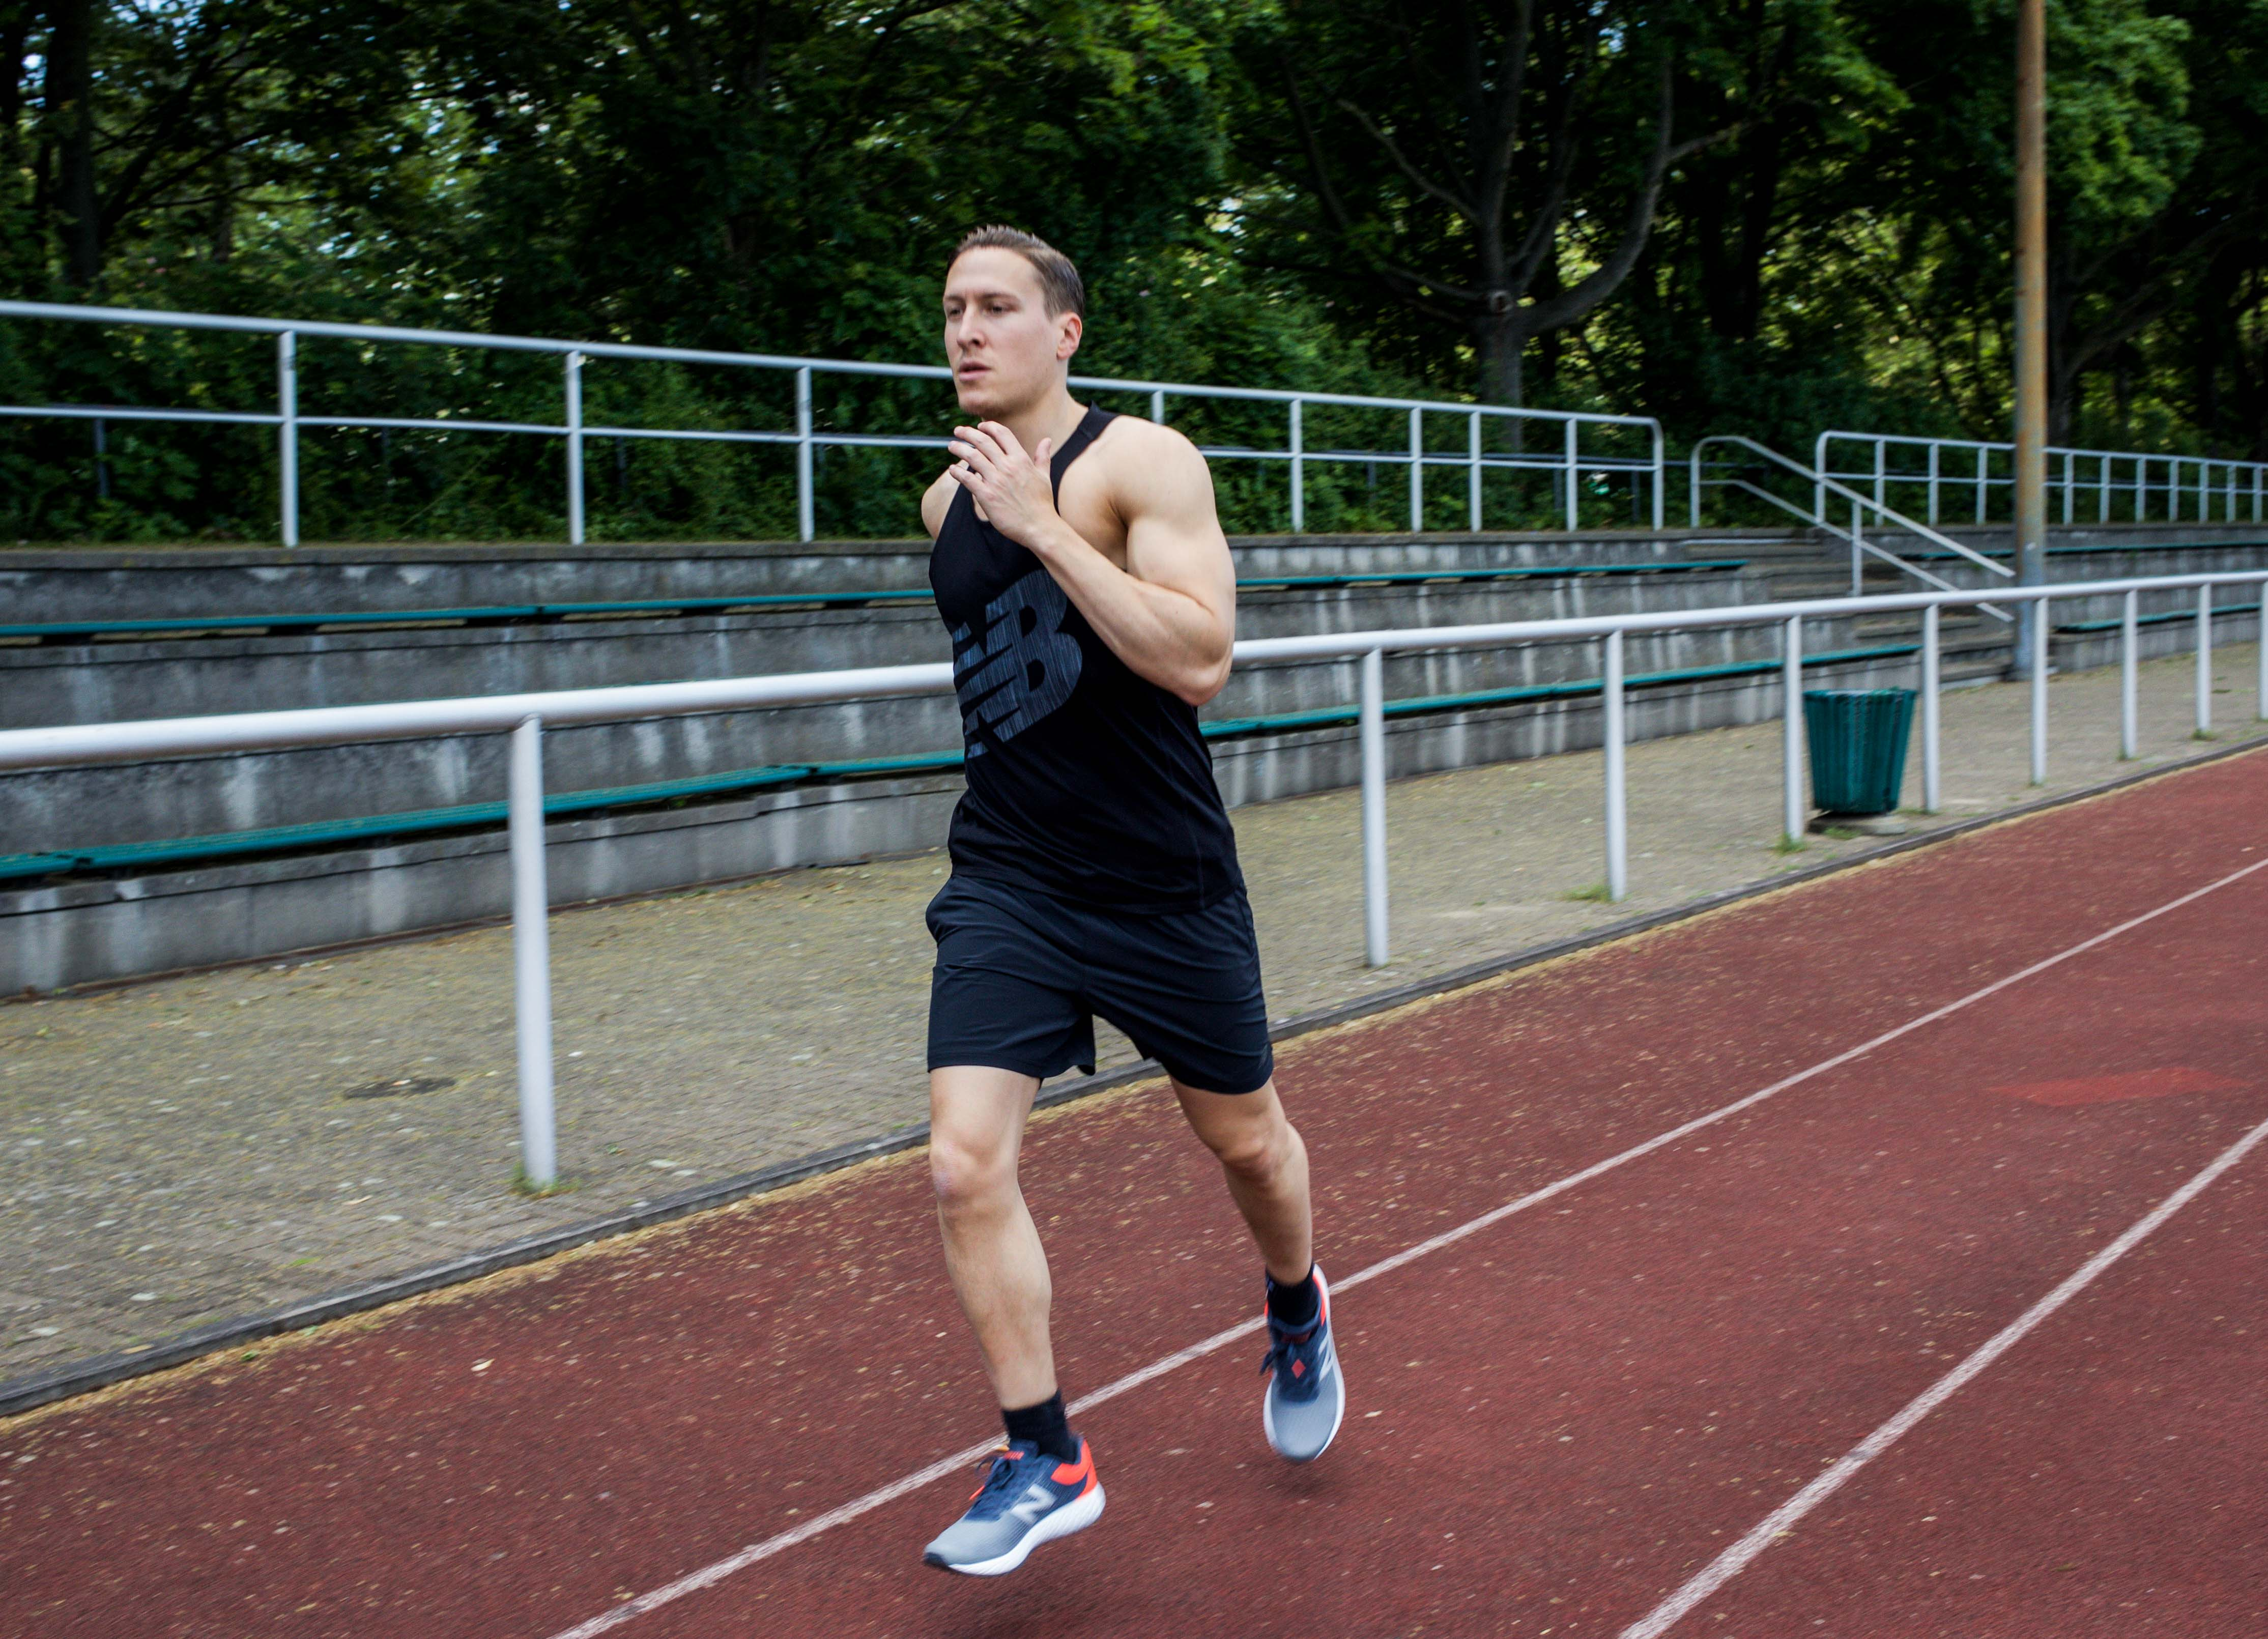 hiit-training-trainingsplan-hochintensives-intervalltraining-vorteile-fitness-sport-ausdauer-abnehmen_6184